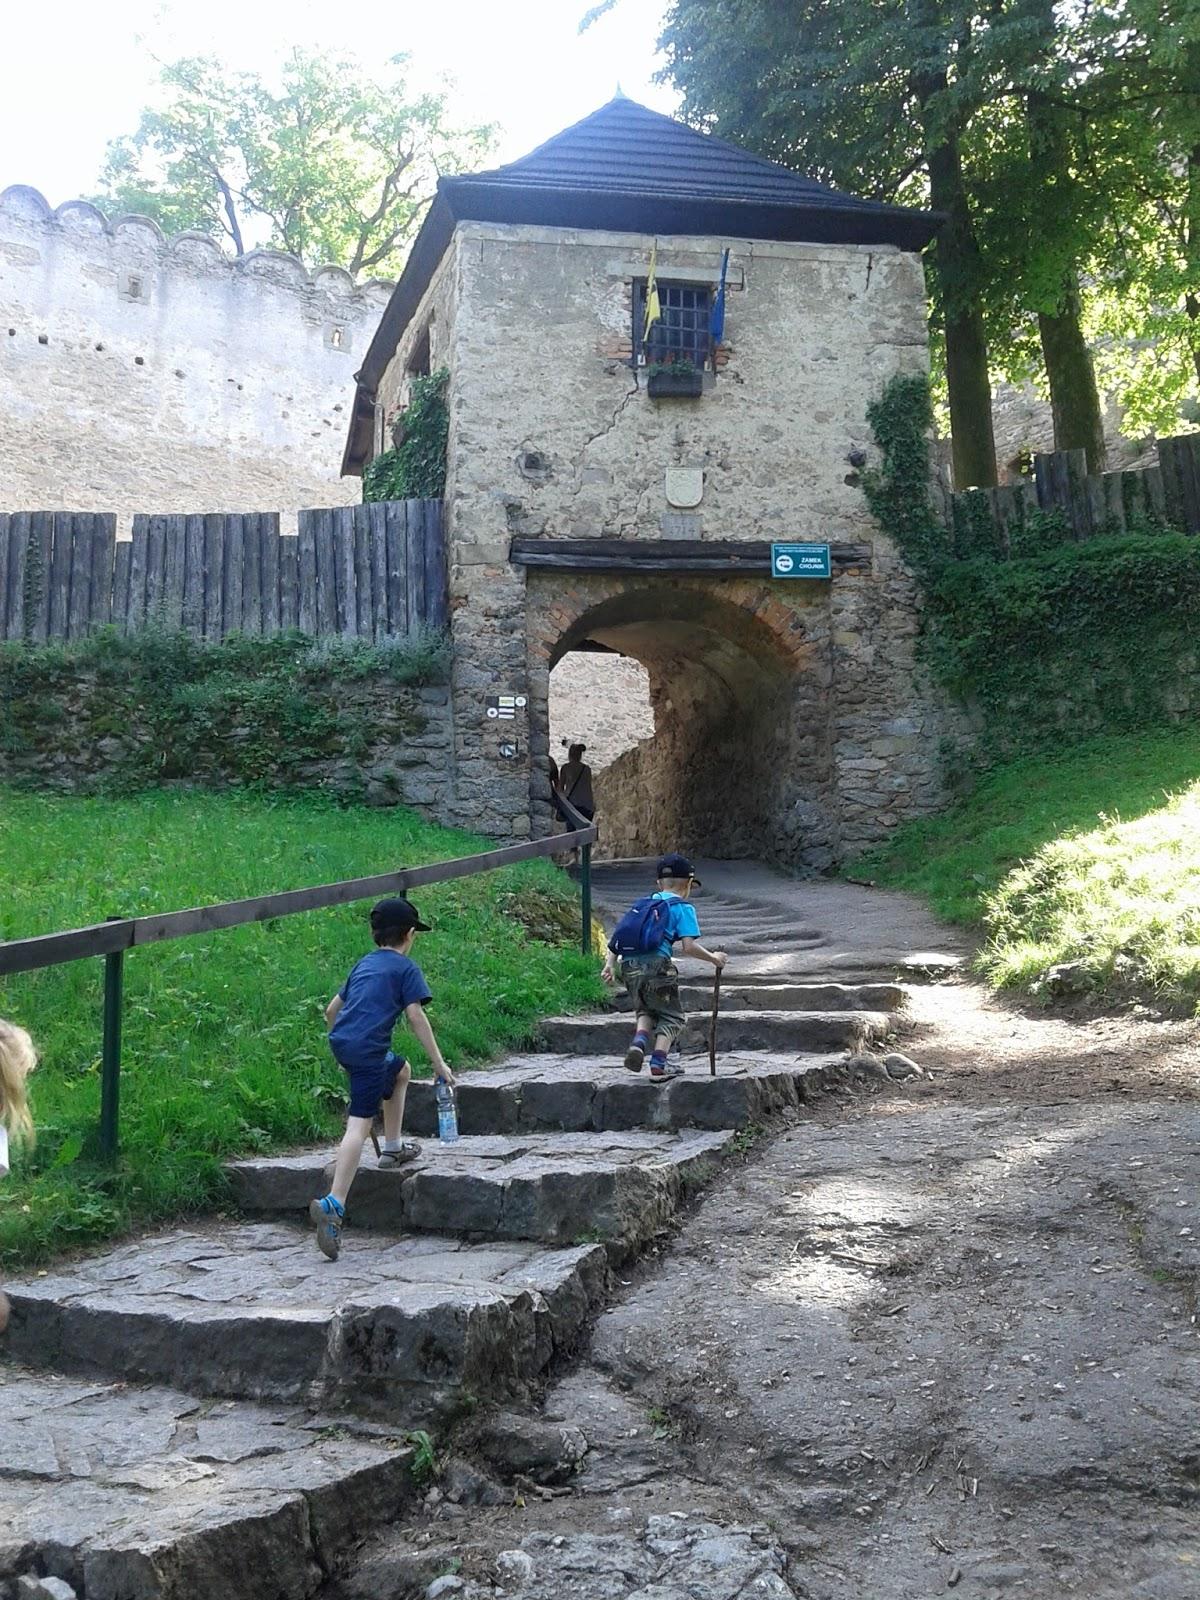 Zamek Chojnik - czyli jak zmęczyć dzieci i siebie w wolny dzień.